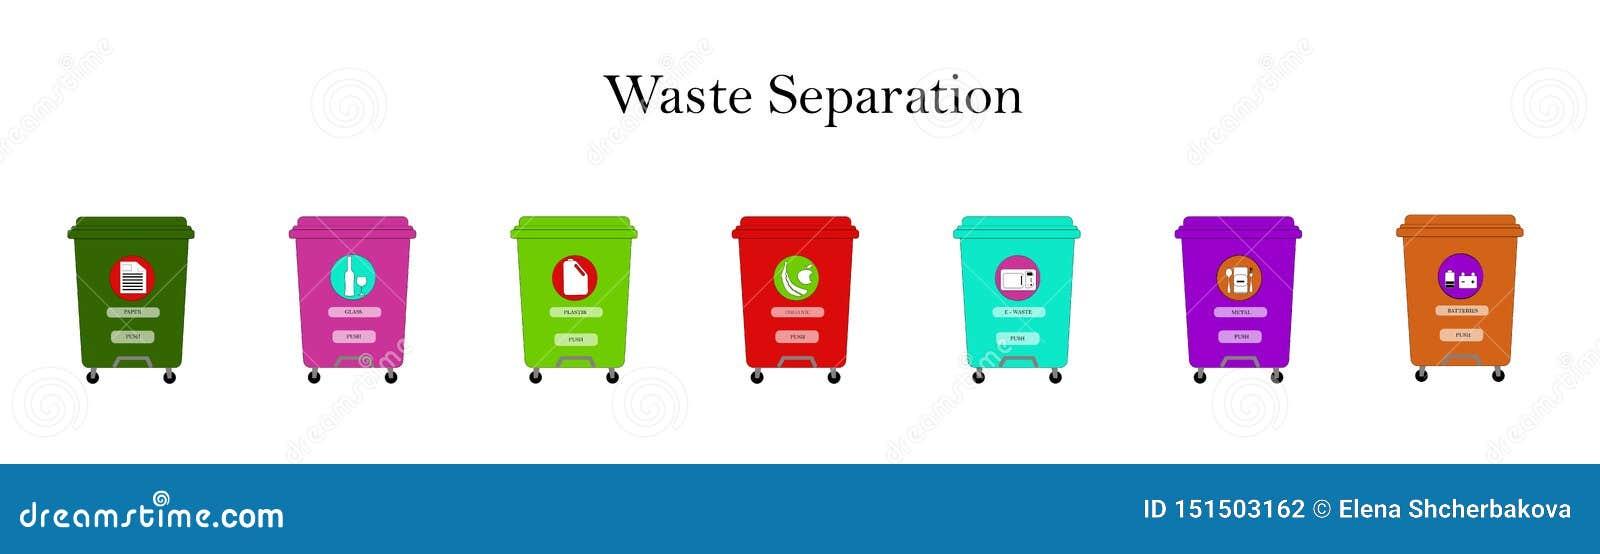 Mehrfarbige Behälter für das Trennen des Abfalls in Kategorien: Plastik, Papier, Metall, Glas, organisch, Elektronik, Batterien a